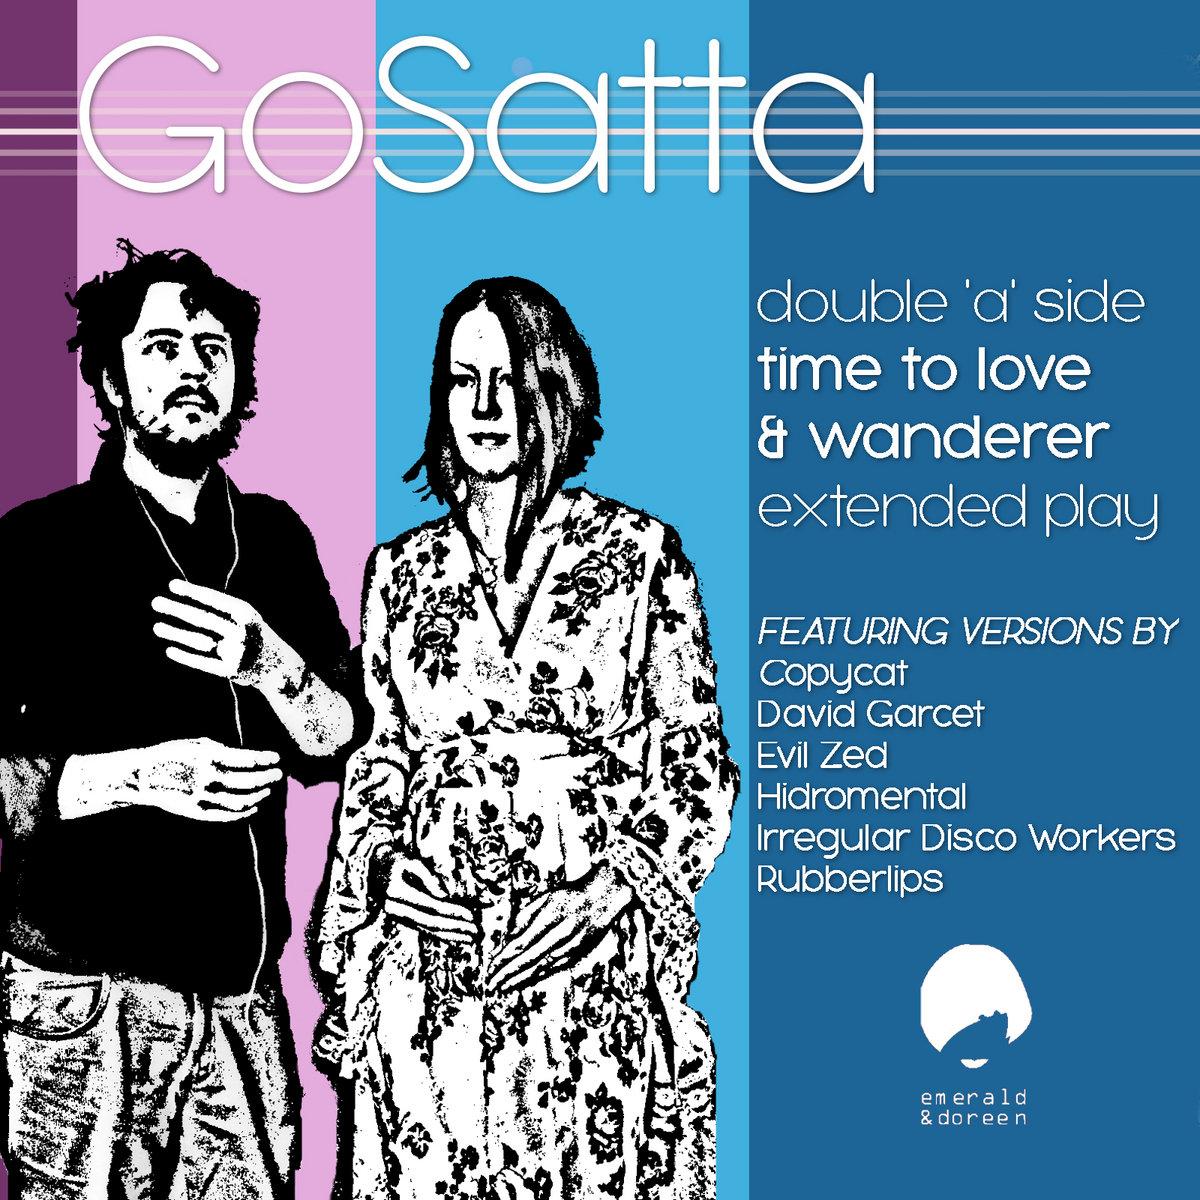 Wanderer (Drum & Bass Mix) | Go Satta